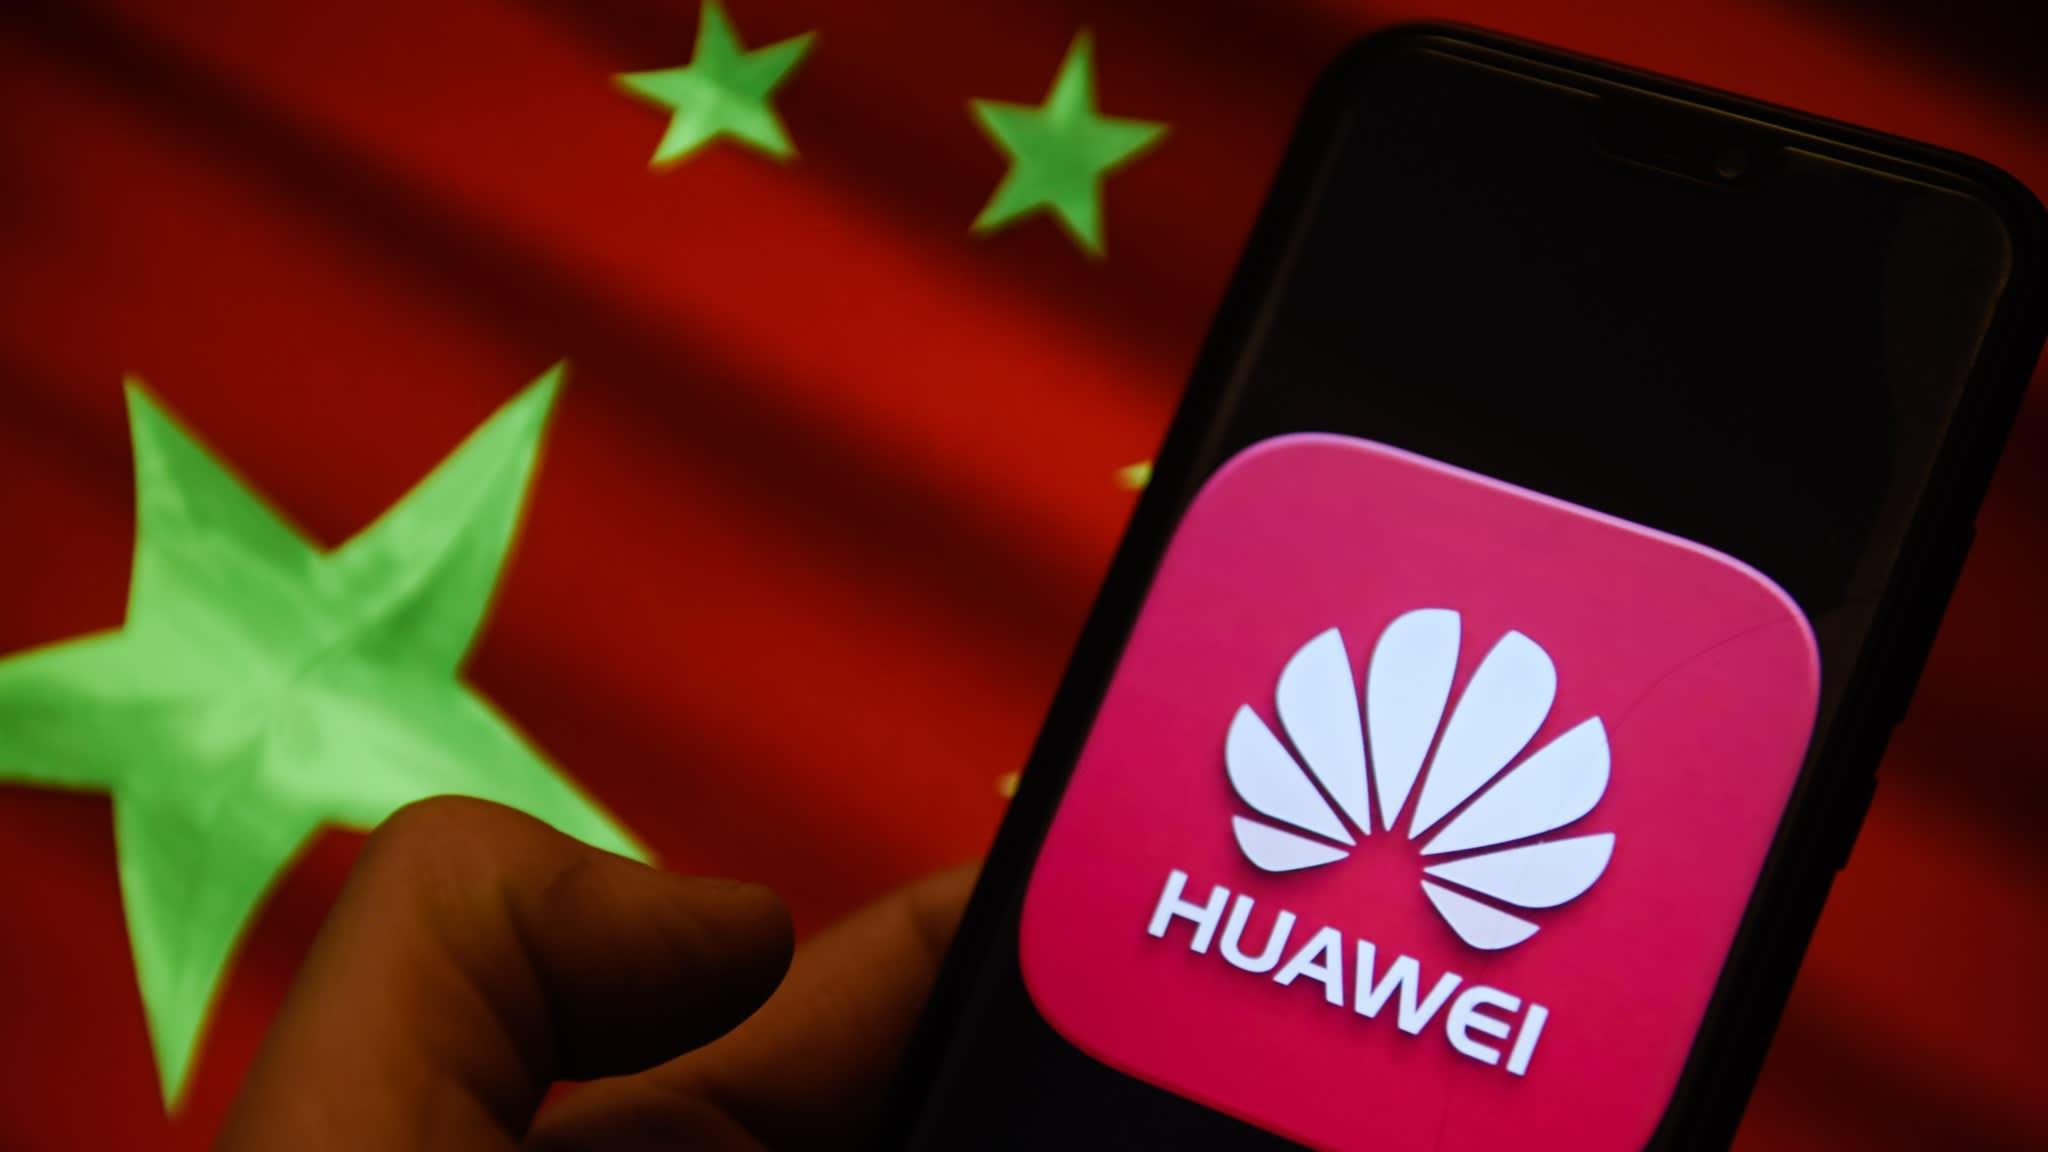 Huawei registra um novo sistema operacional móvel - Harmony